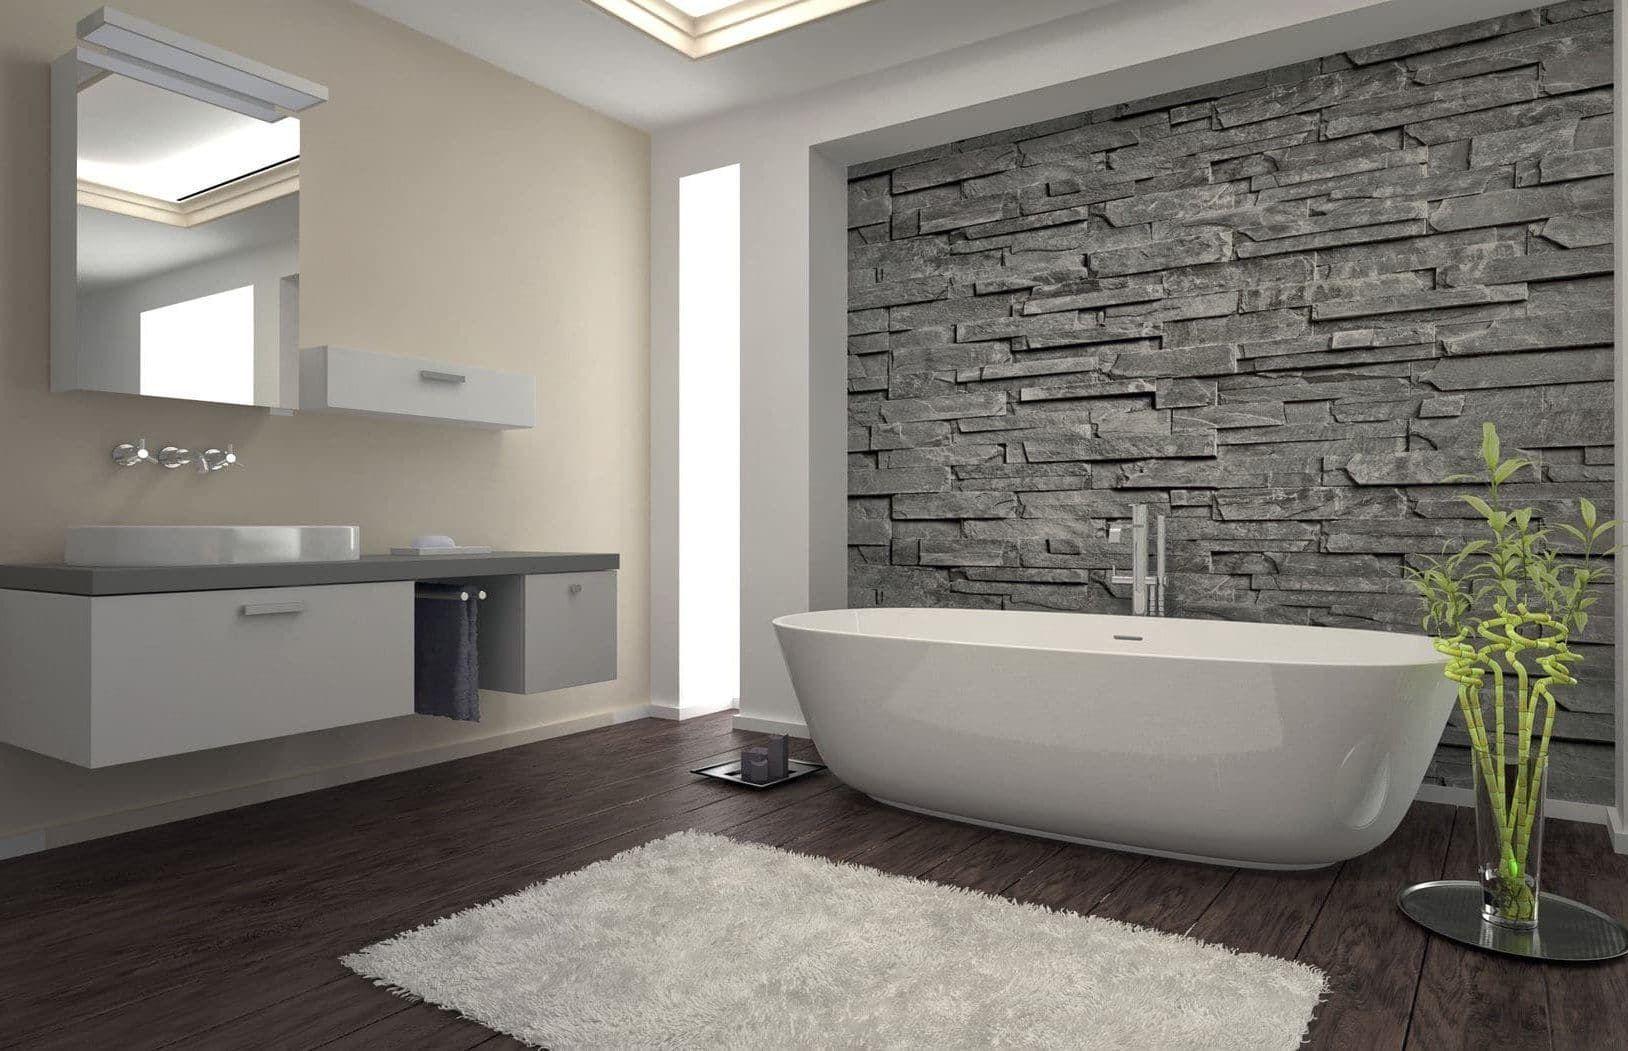 Stapsgewijs de badkamer inrichten - Complete badkamer, Badkamer en ...